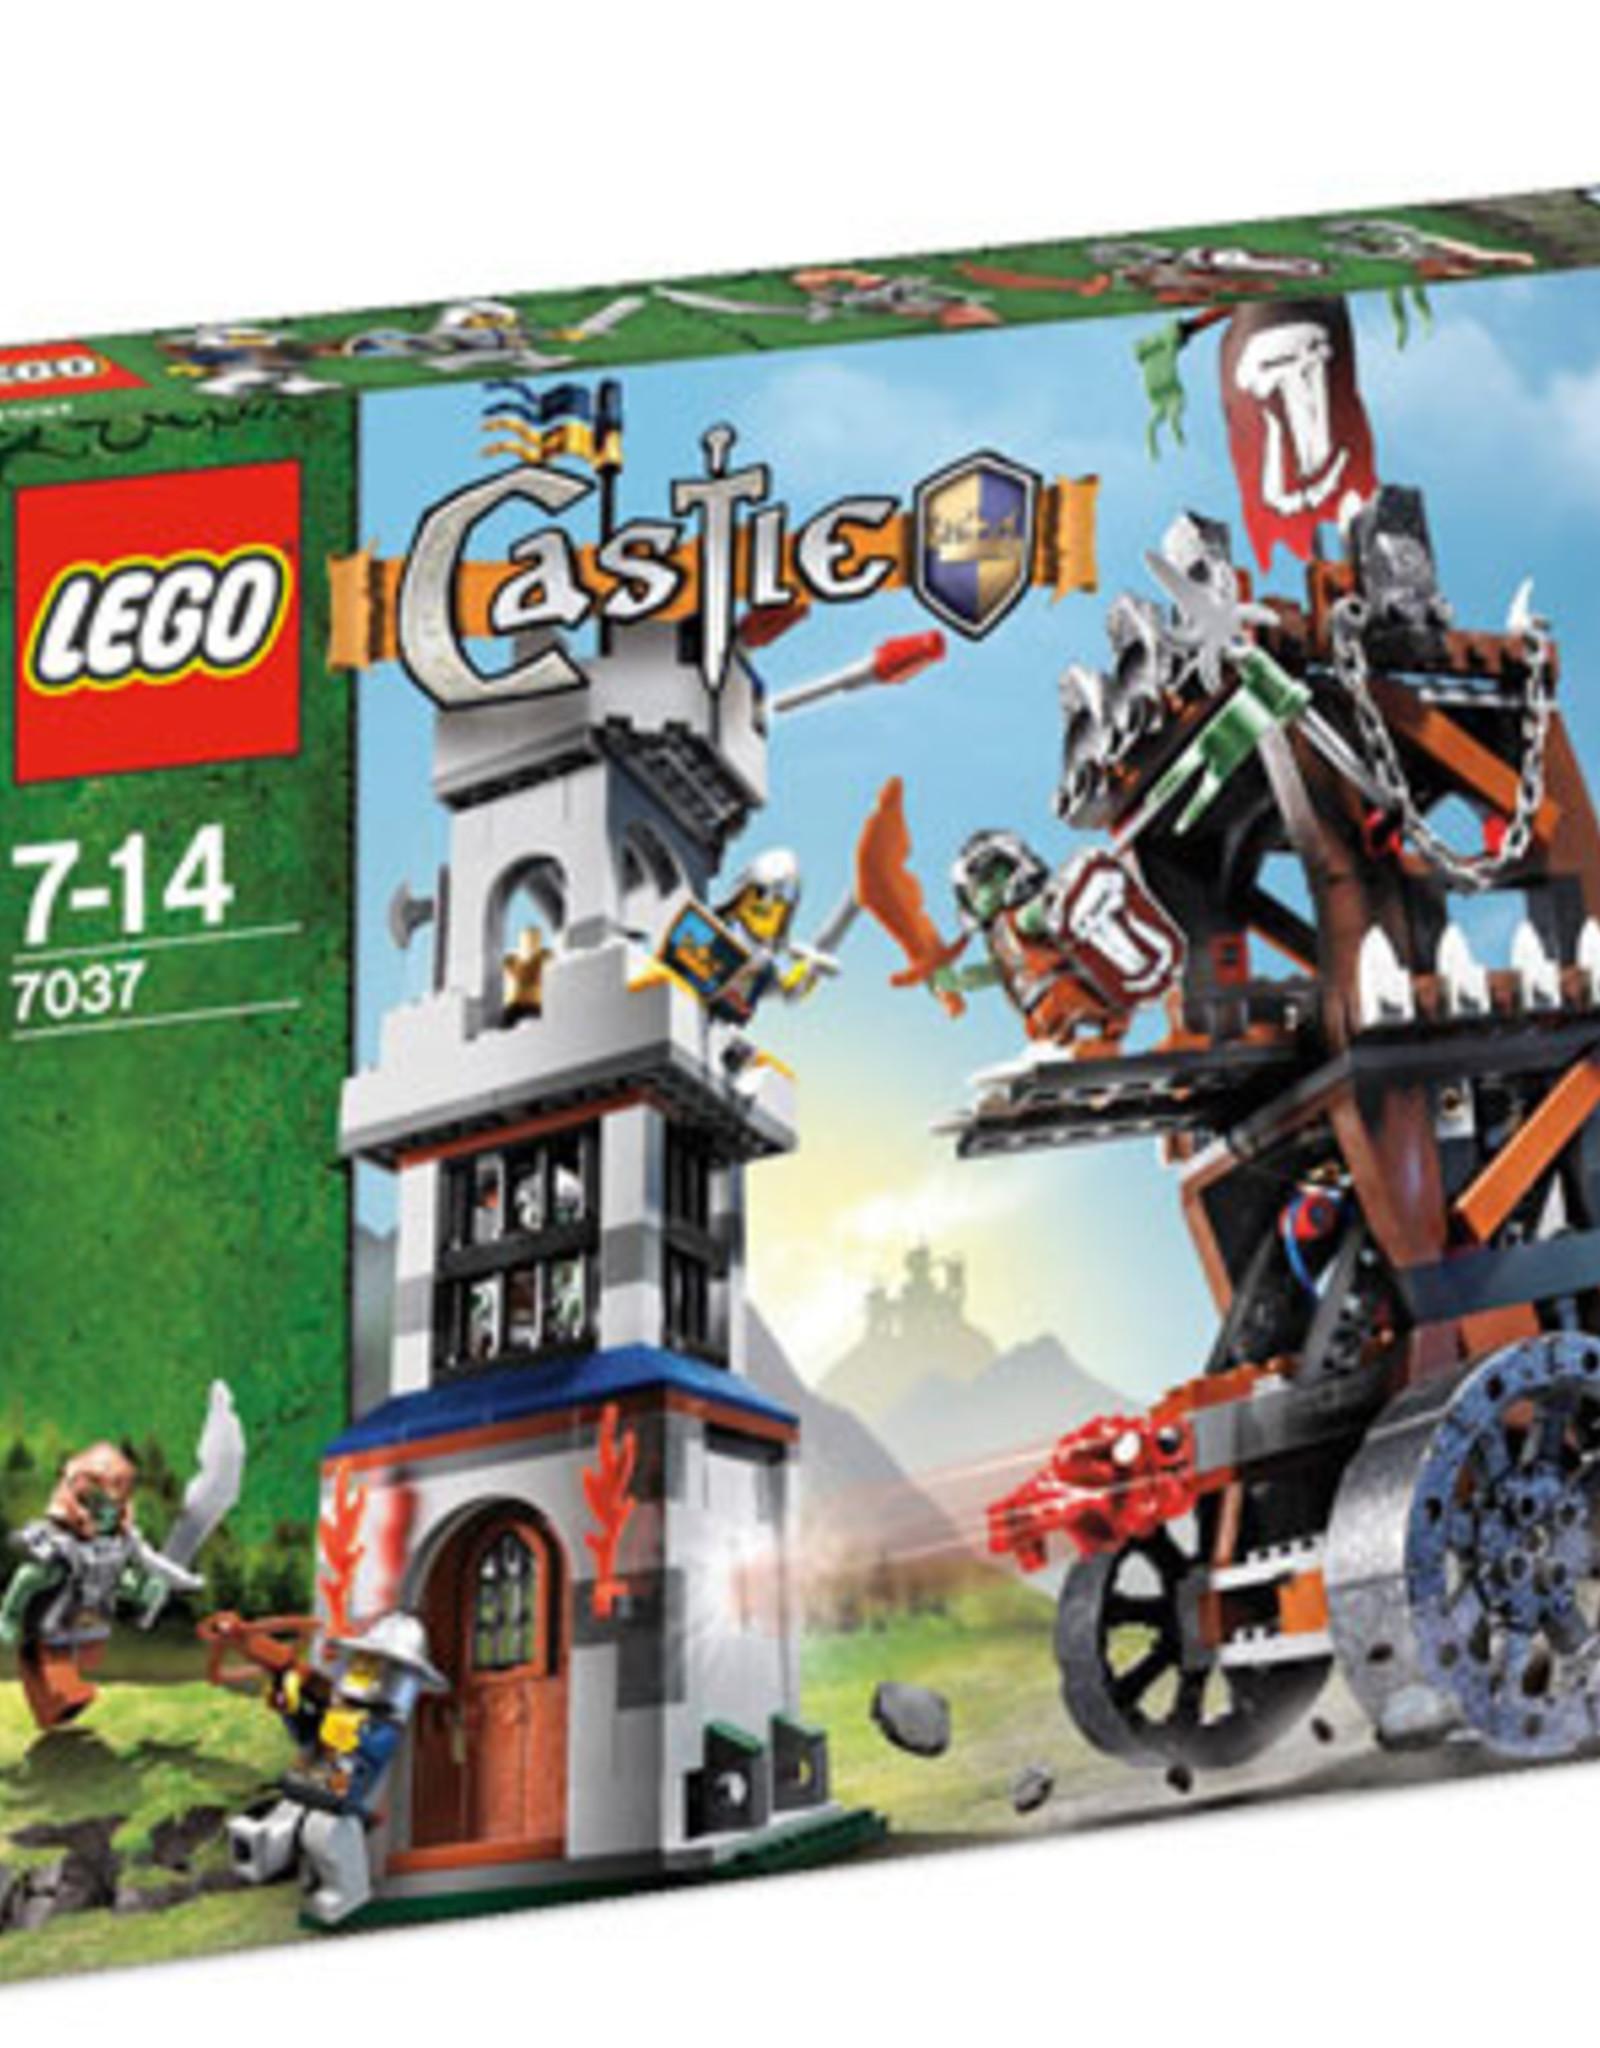 LEGO LEGO 7037 Tower Raid CASTLE